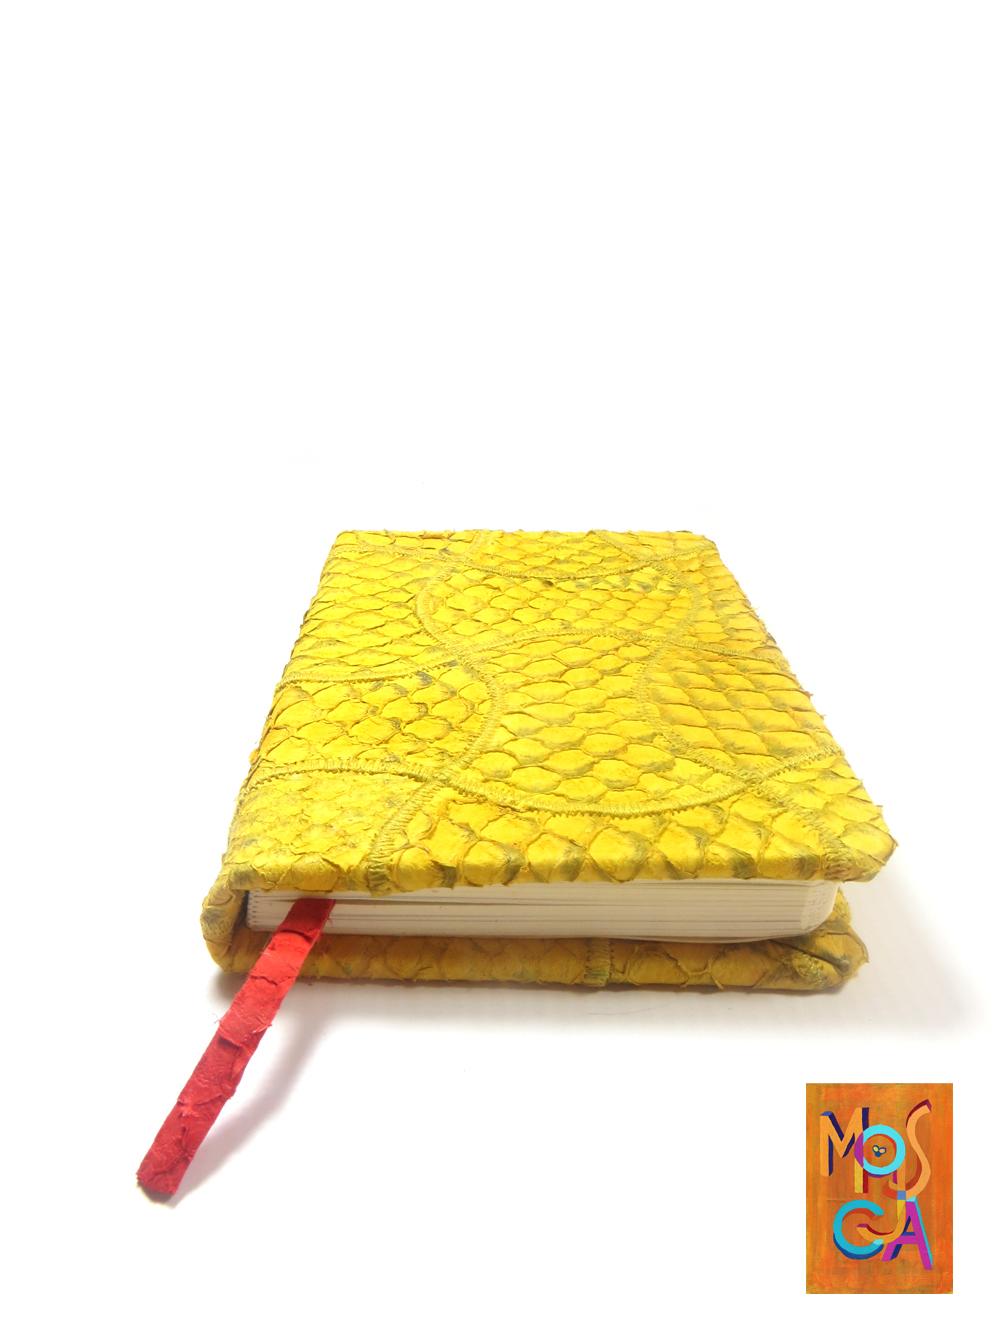 caderno amarelo ouro01_MOSCA.jpg